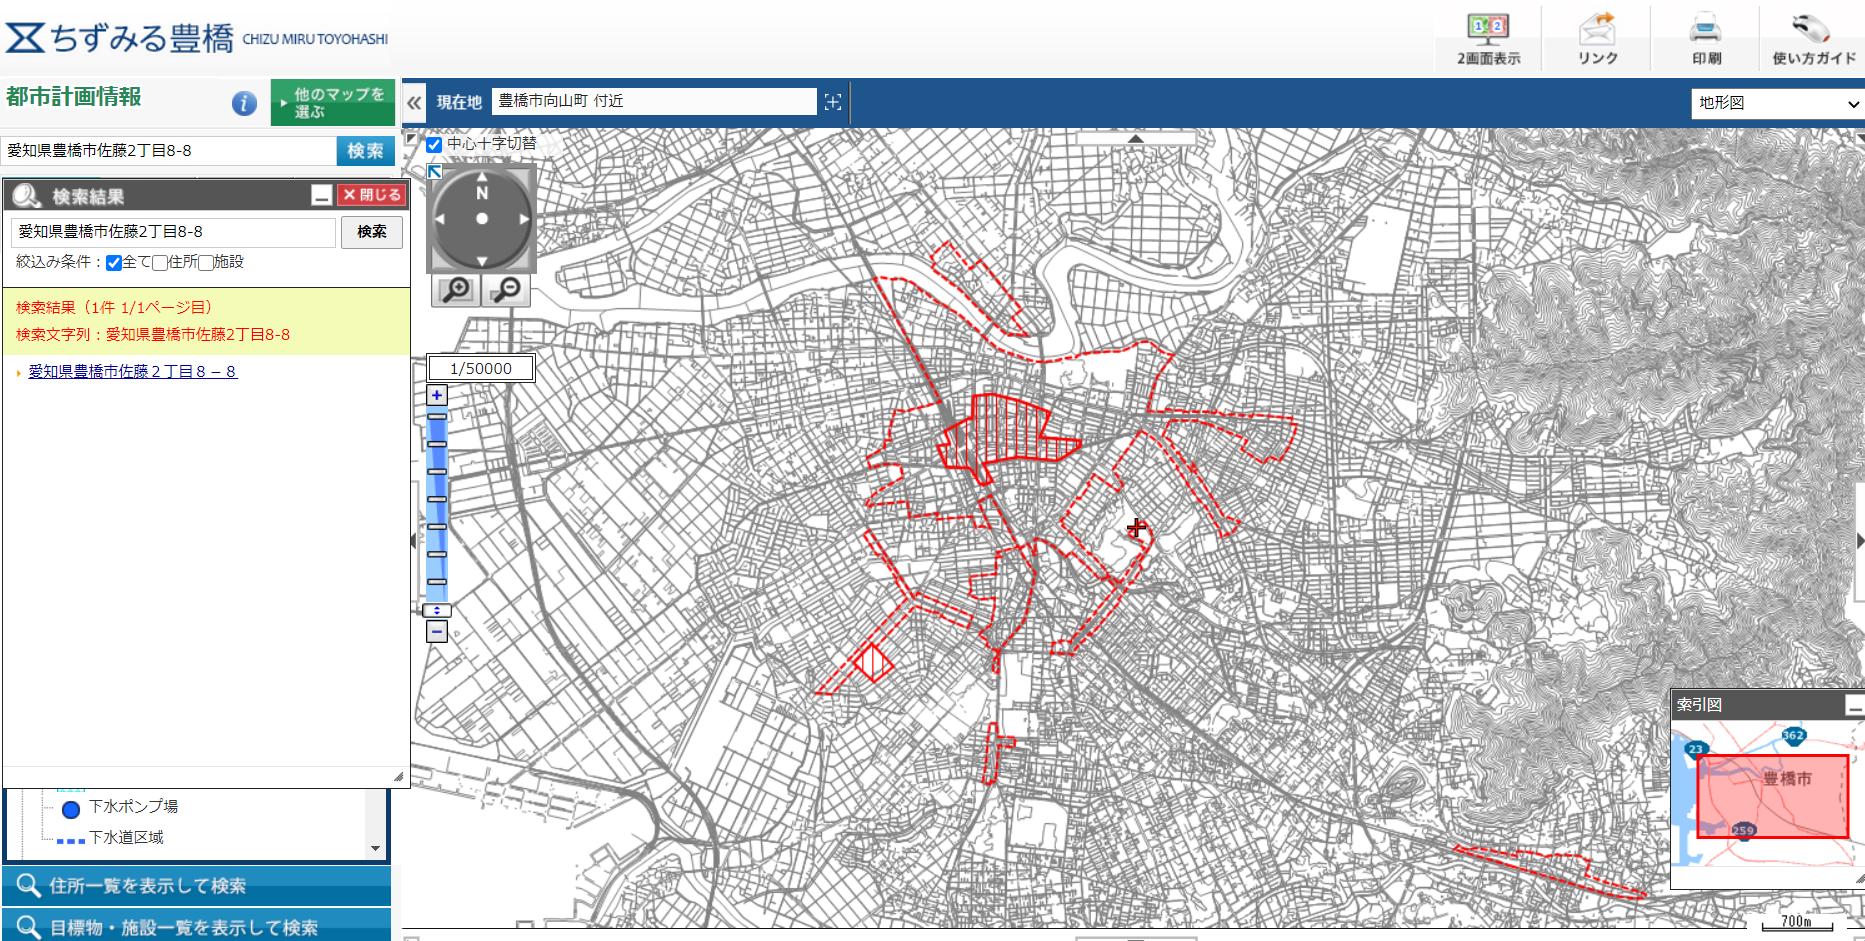 豊橋市「ちずみる豊橋」の都市計画情報による防火地域、準防火地域の分布図:豊橋は駅周辺のみが指定されている